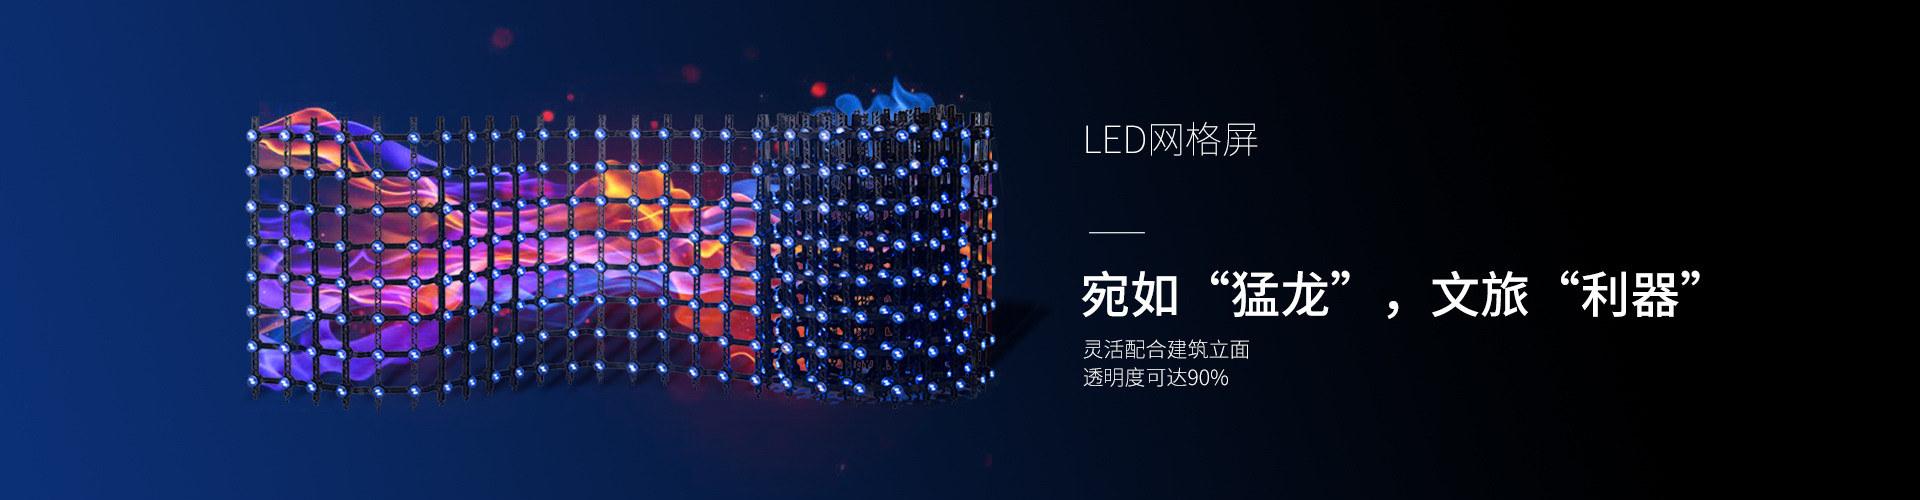 led网格屏